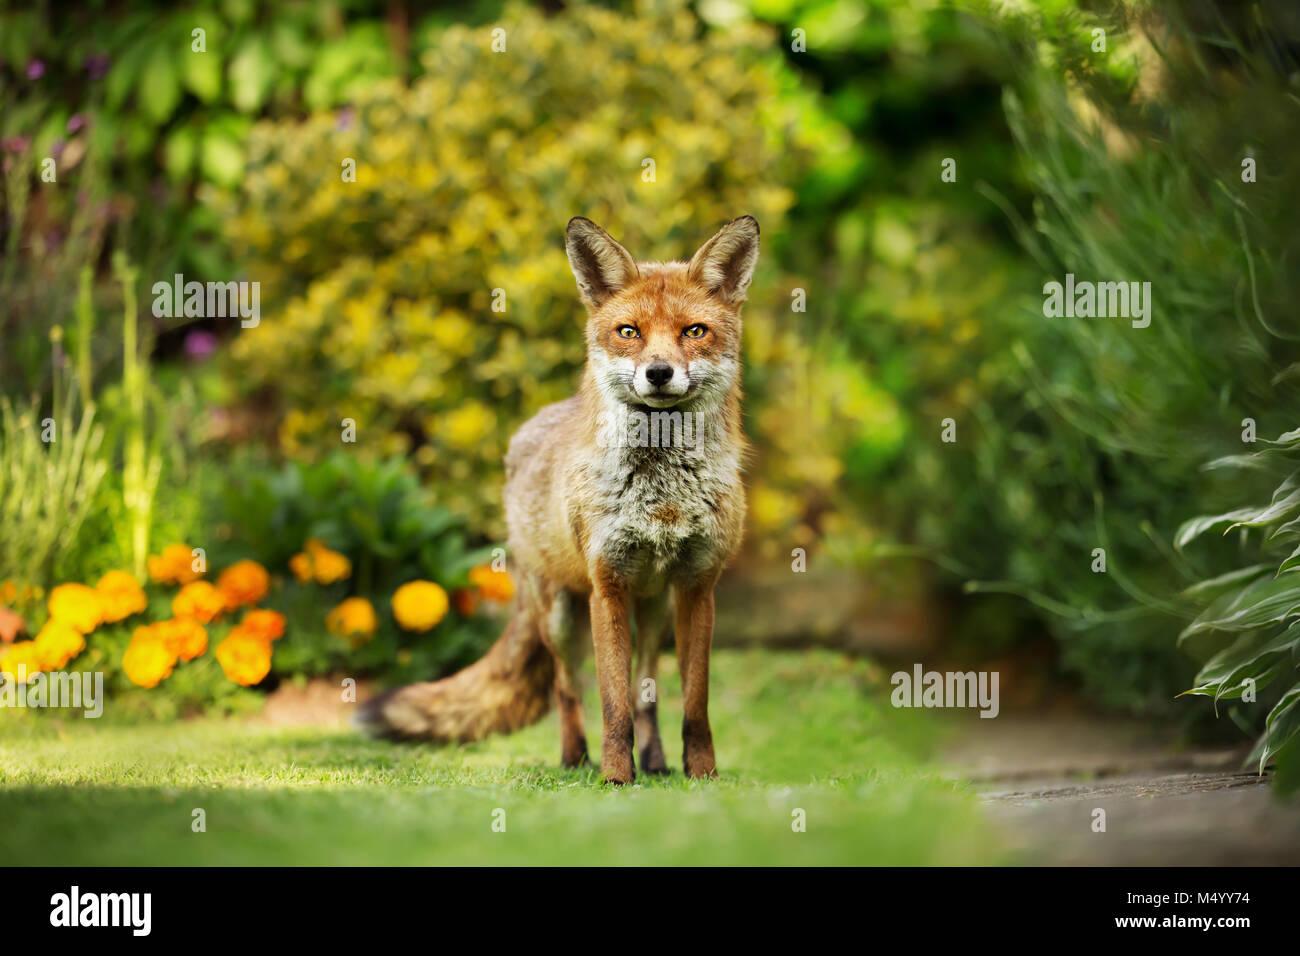 El zorro rojo de pie en el jardín con flores, el verano en el Reino Unido. Imagen De Stock